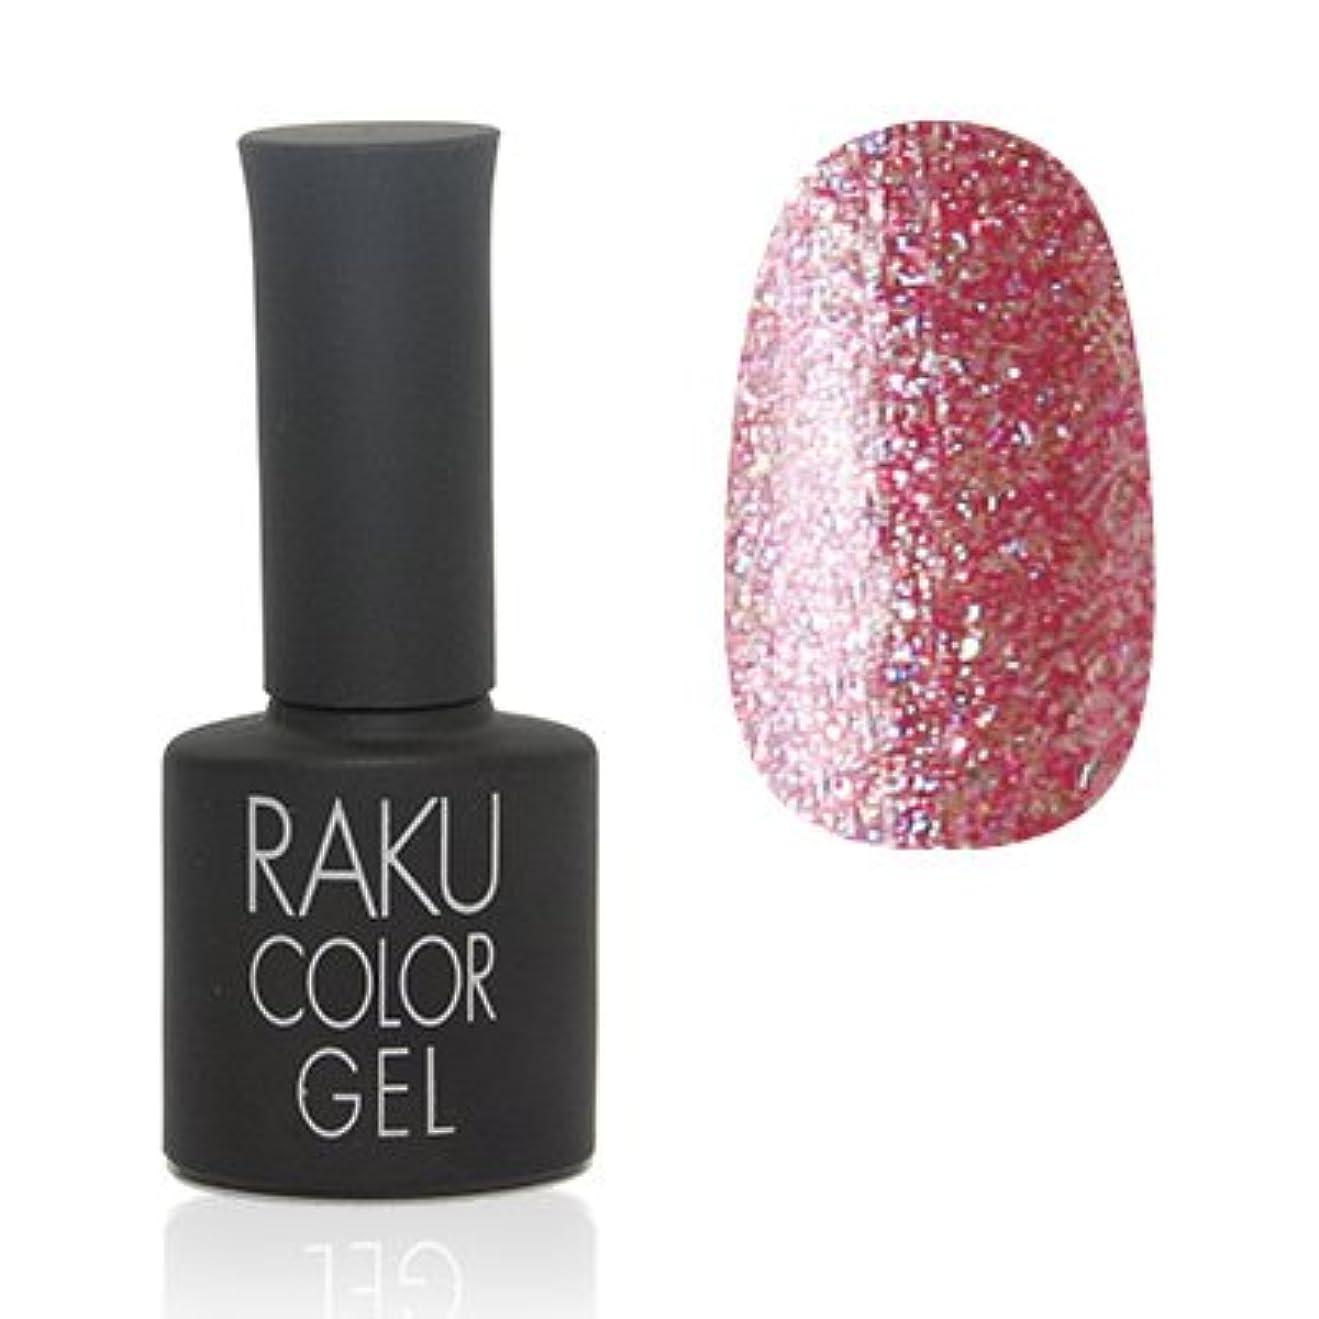 言語露出度の高いぎこちないラク カラージェル(44-ピンクダイヤモンド)8g 今話題のラクジェル 素早く仕上カラージェル 抜群の発色とツヤ 国産ポリッシュタイプ オールインワン ワンステップジェルネイル RAKU COLOR GEL #44